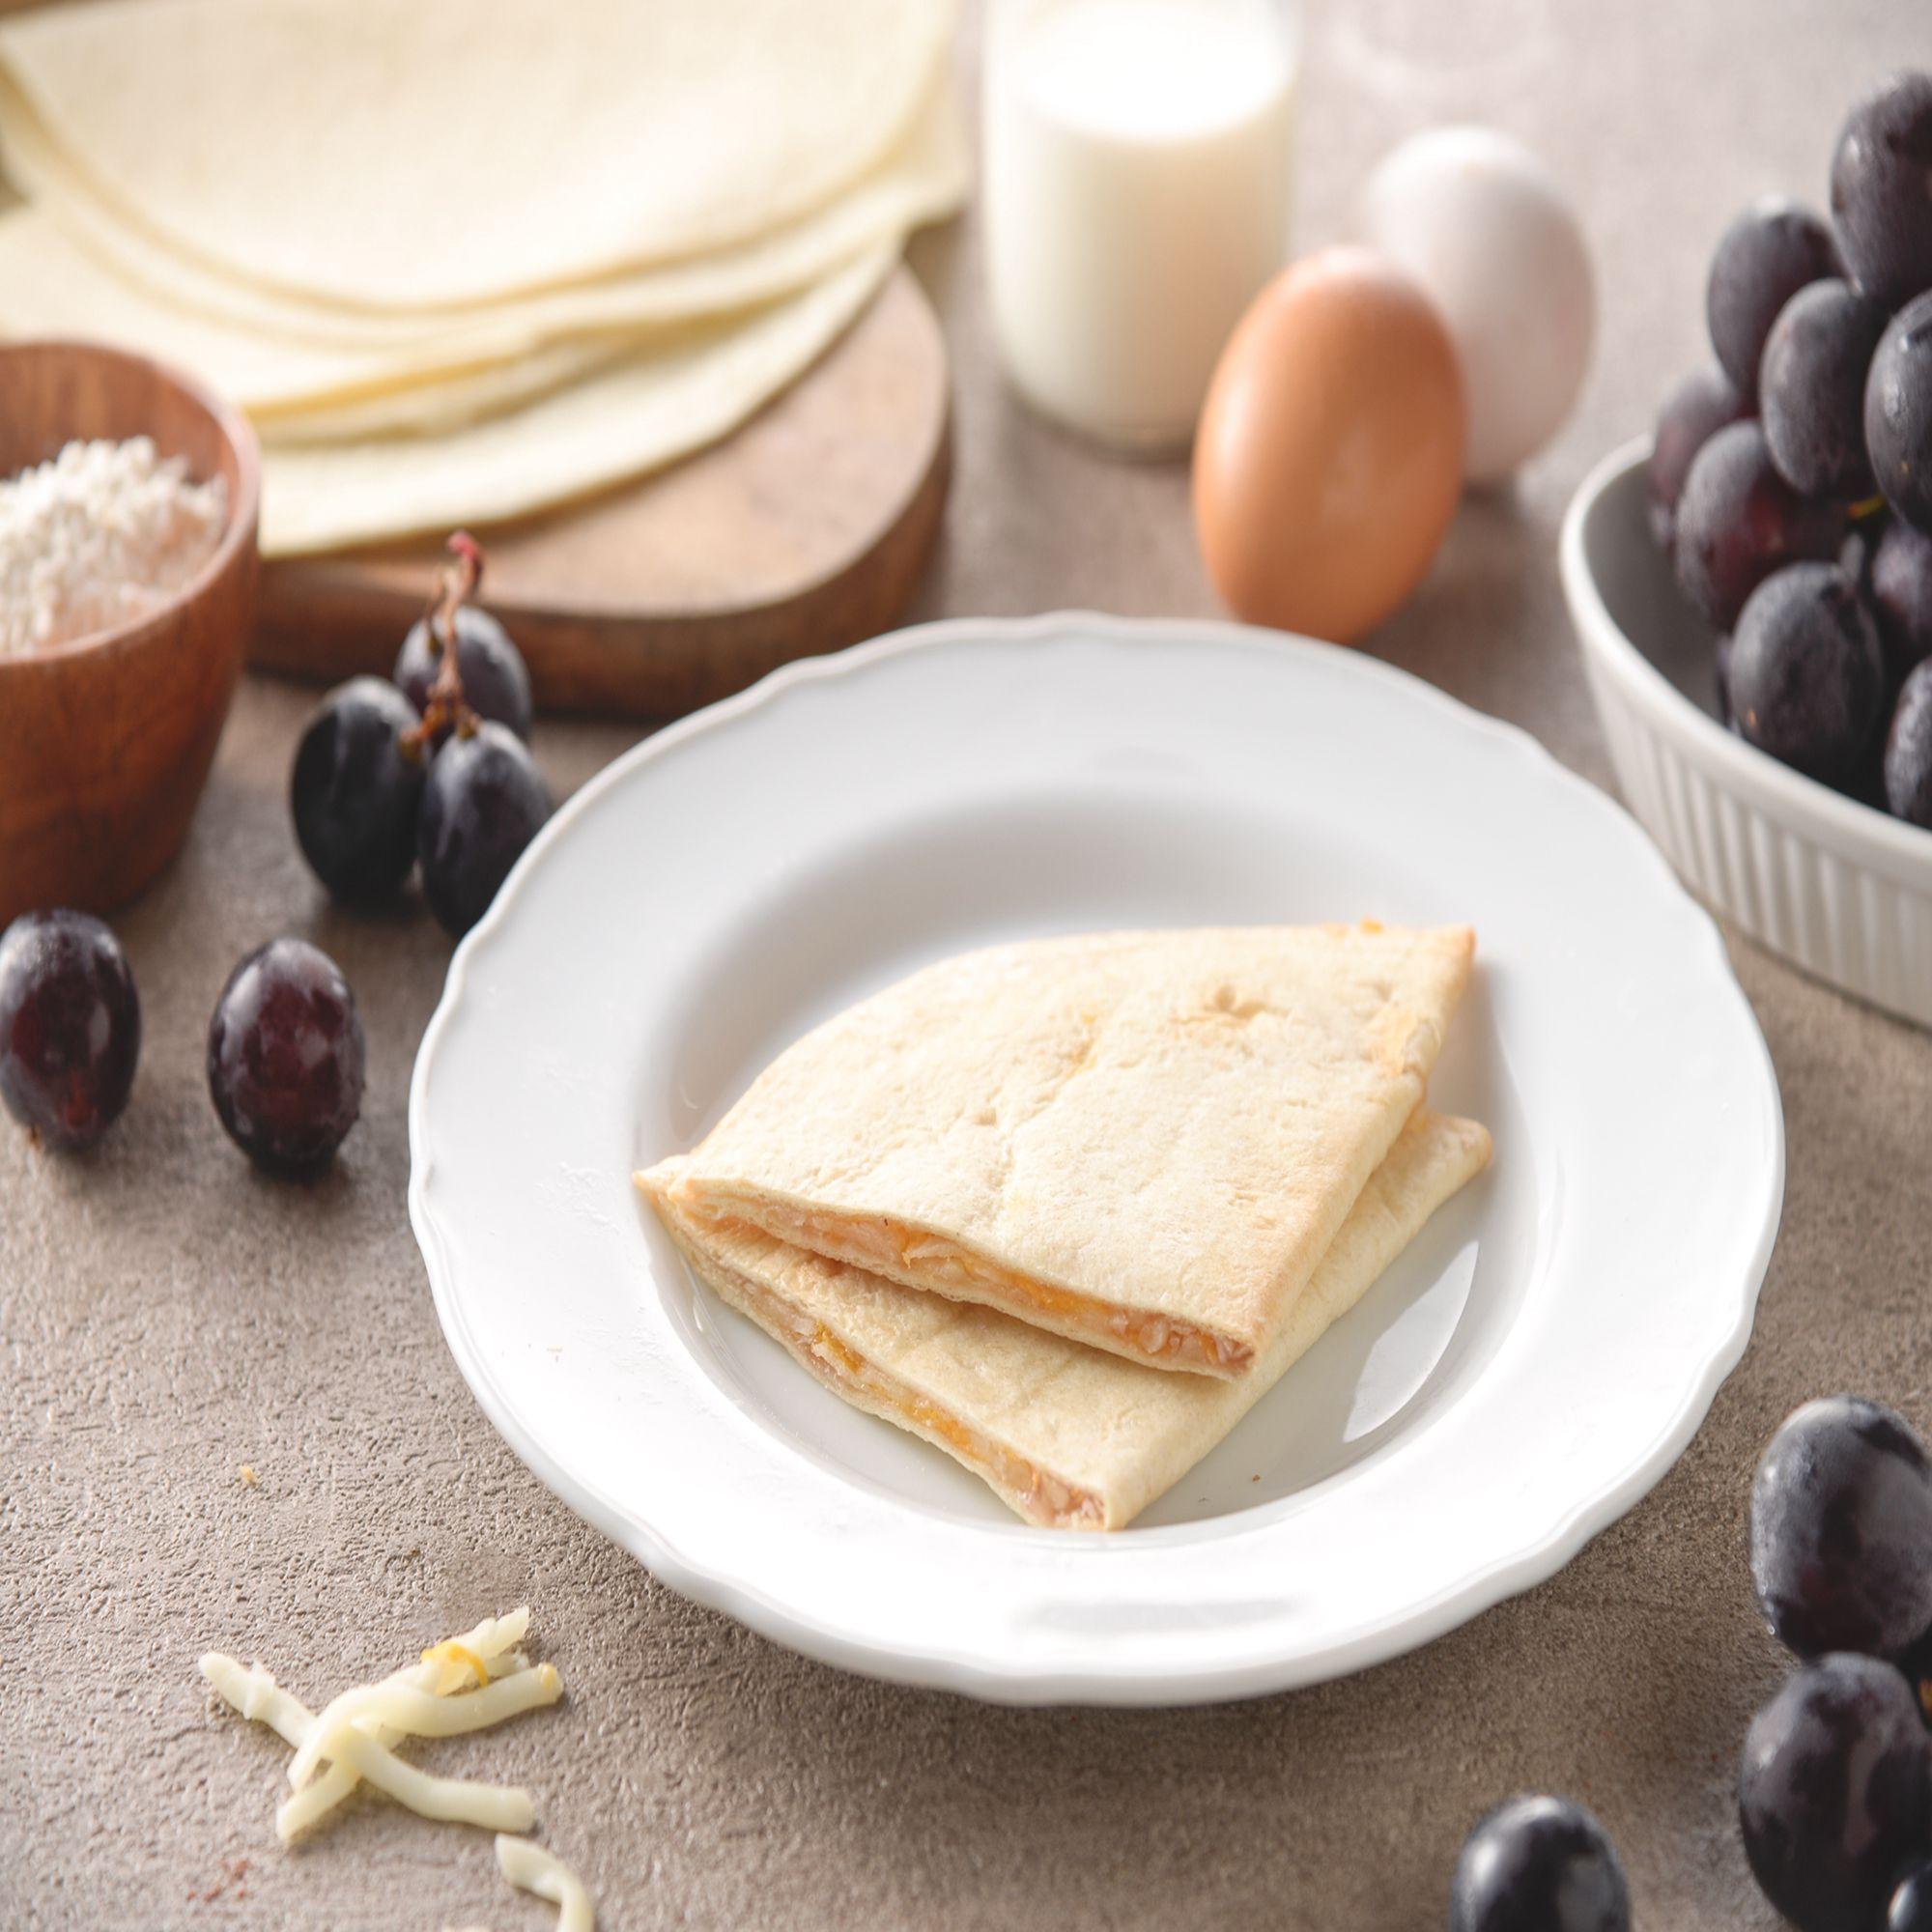 低卡脆皮義式起司烤餅【鹹甜|20入】加熱點心 微波食品 簡單料理 17新鮮美味坊